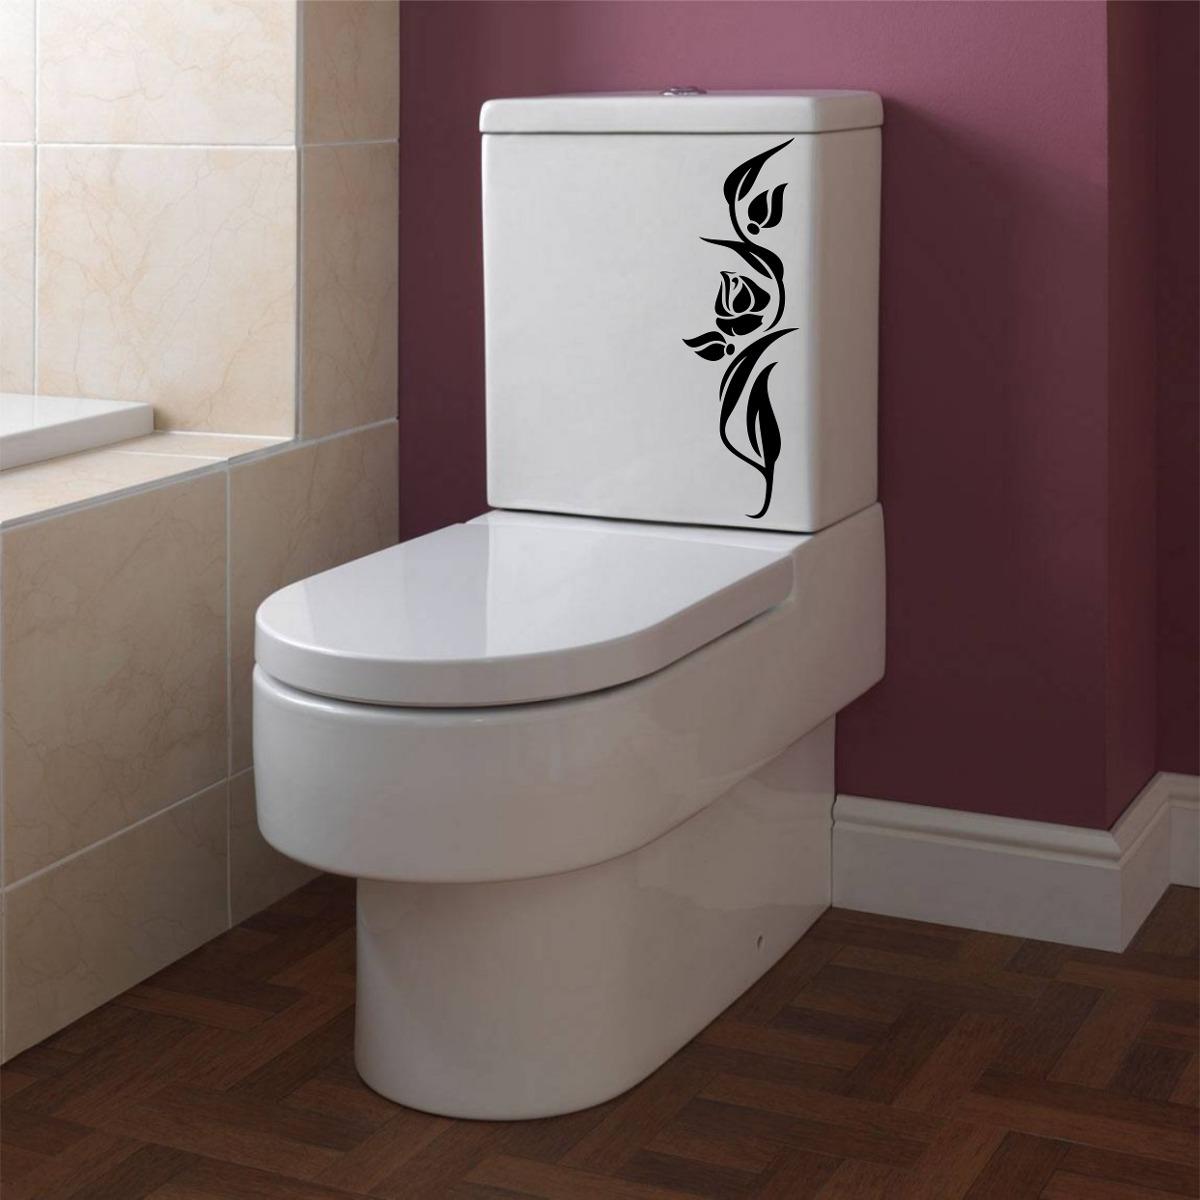 Adesivo De Parede Banheiro Box Vaso Assento Sanitário R$ 6 99 em  #412624 1200x1200 Assento De Banheiro Para Idoso